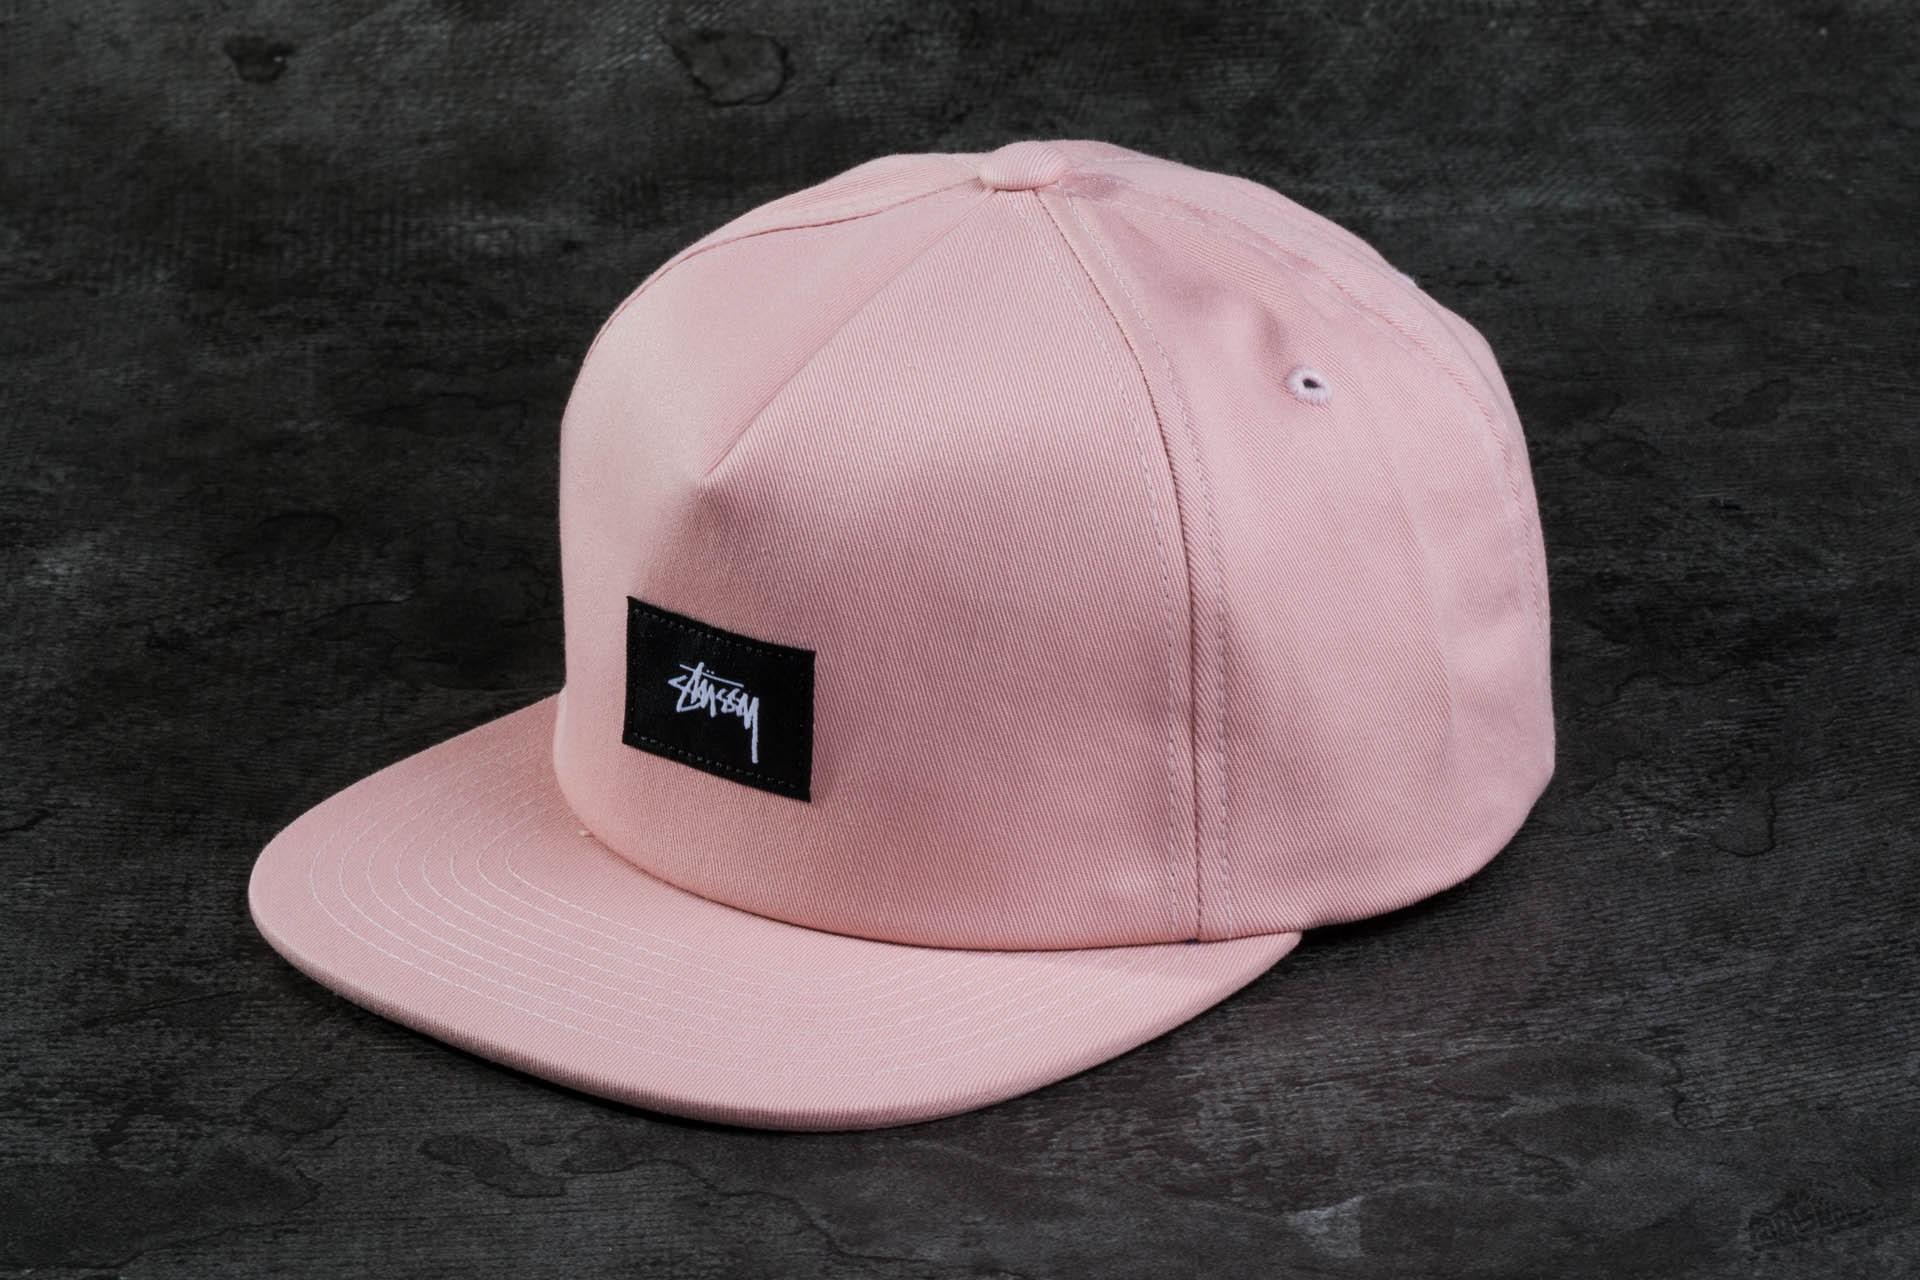 Stüssy Cotton Linen Twill Strapback Light Pink  3f02d5023f5